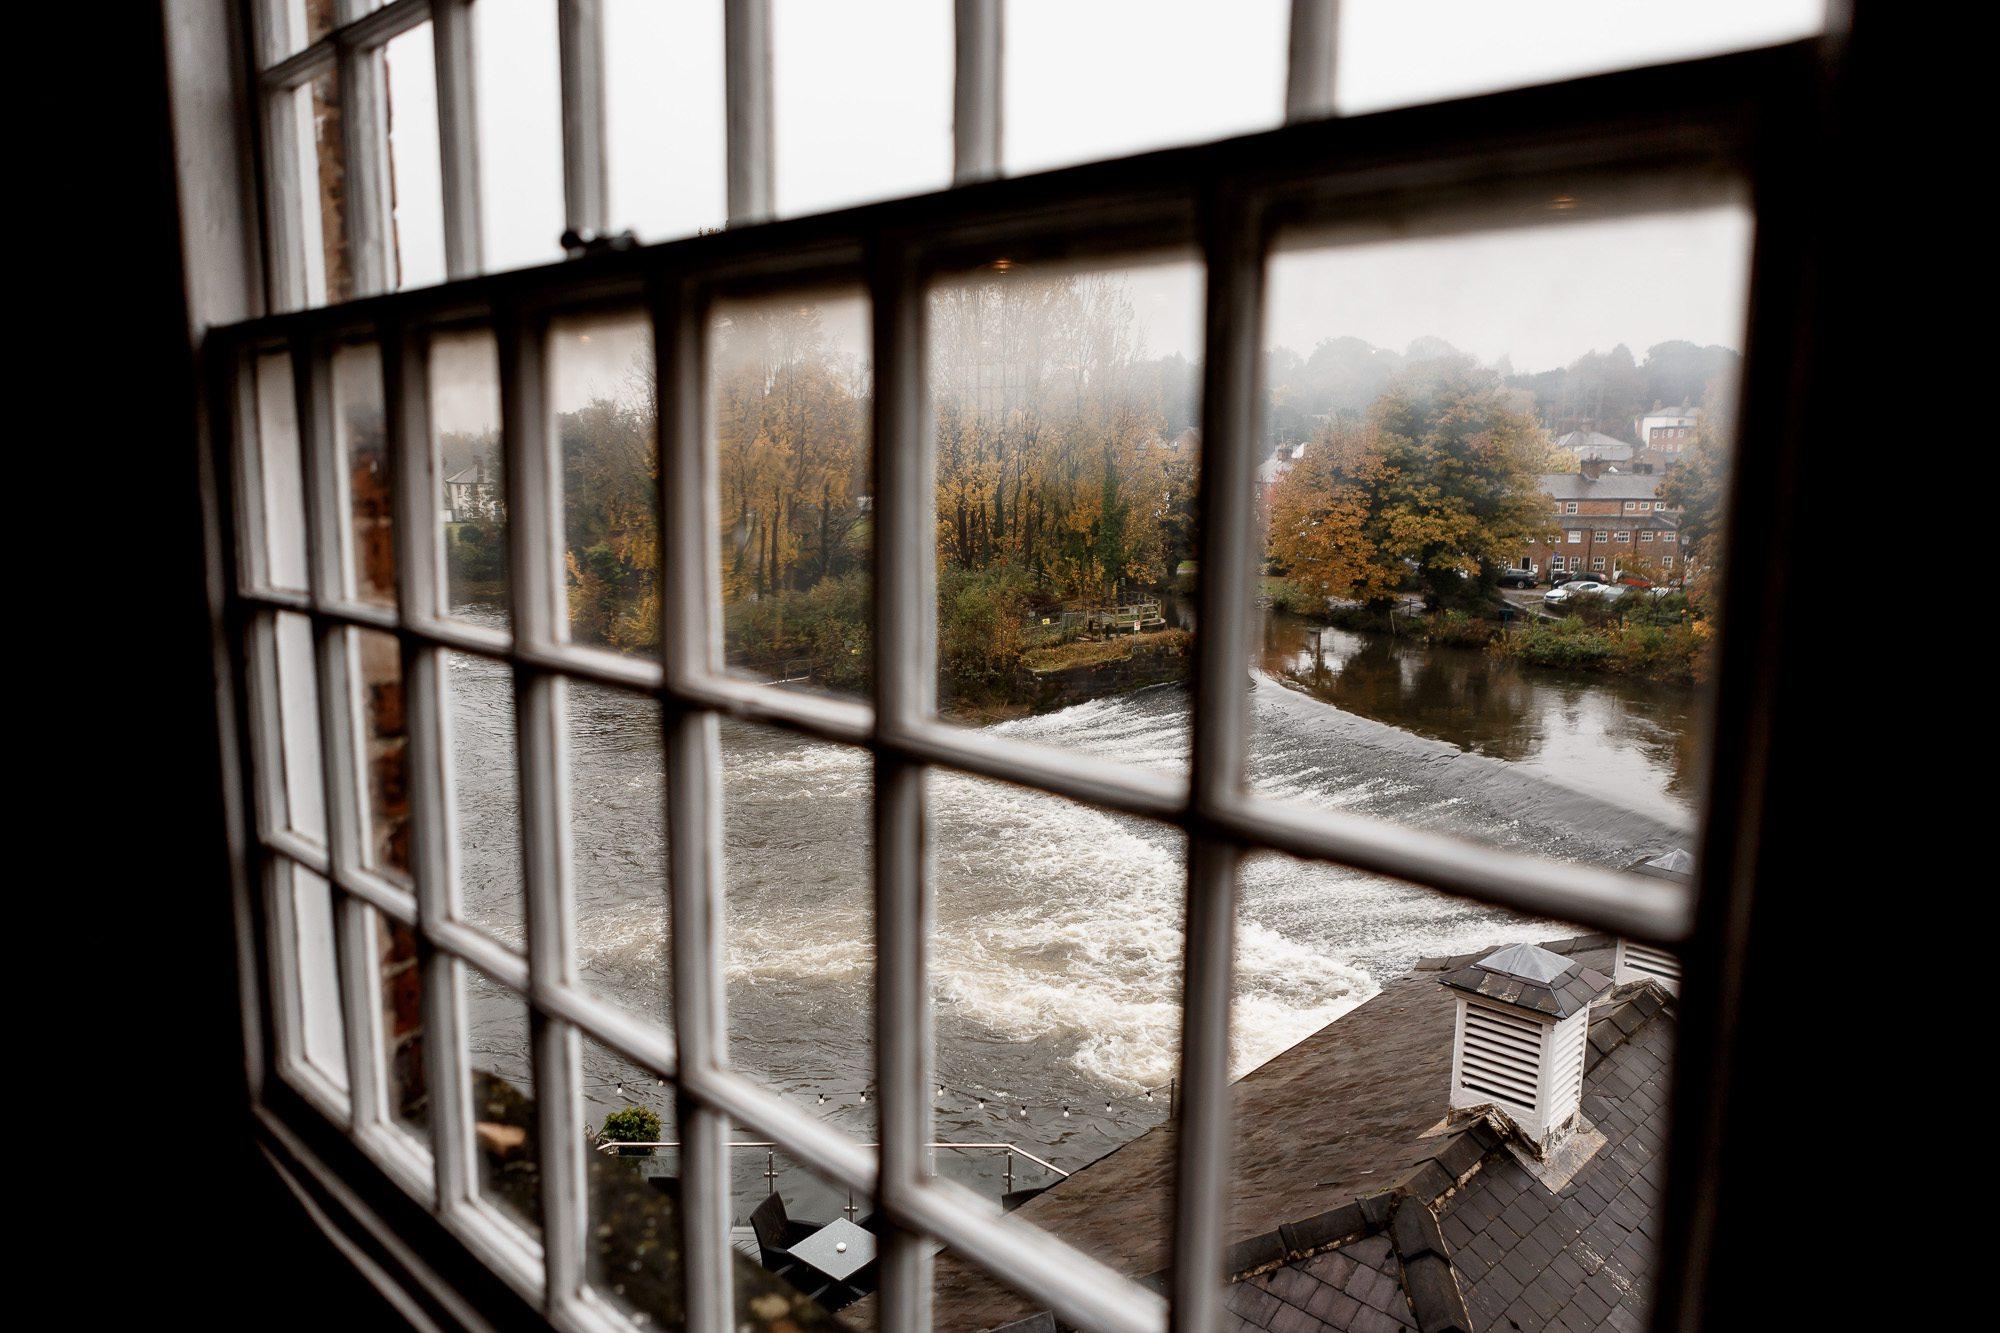 the river derwent through window